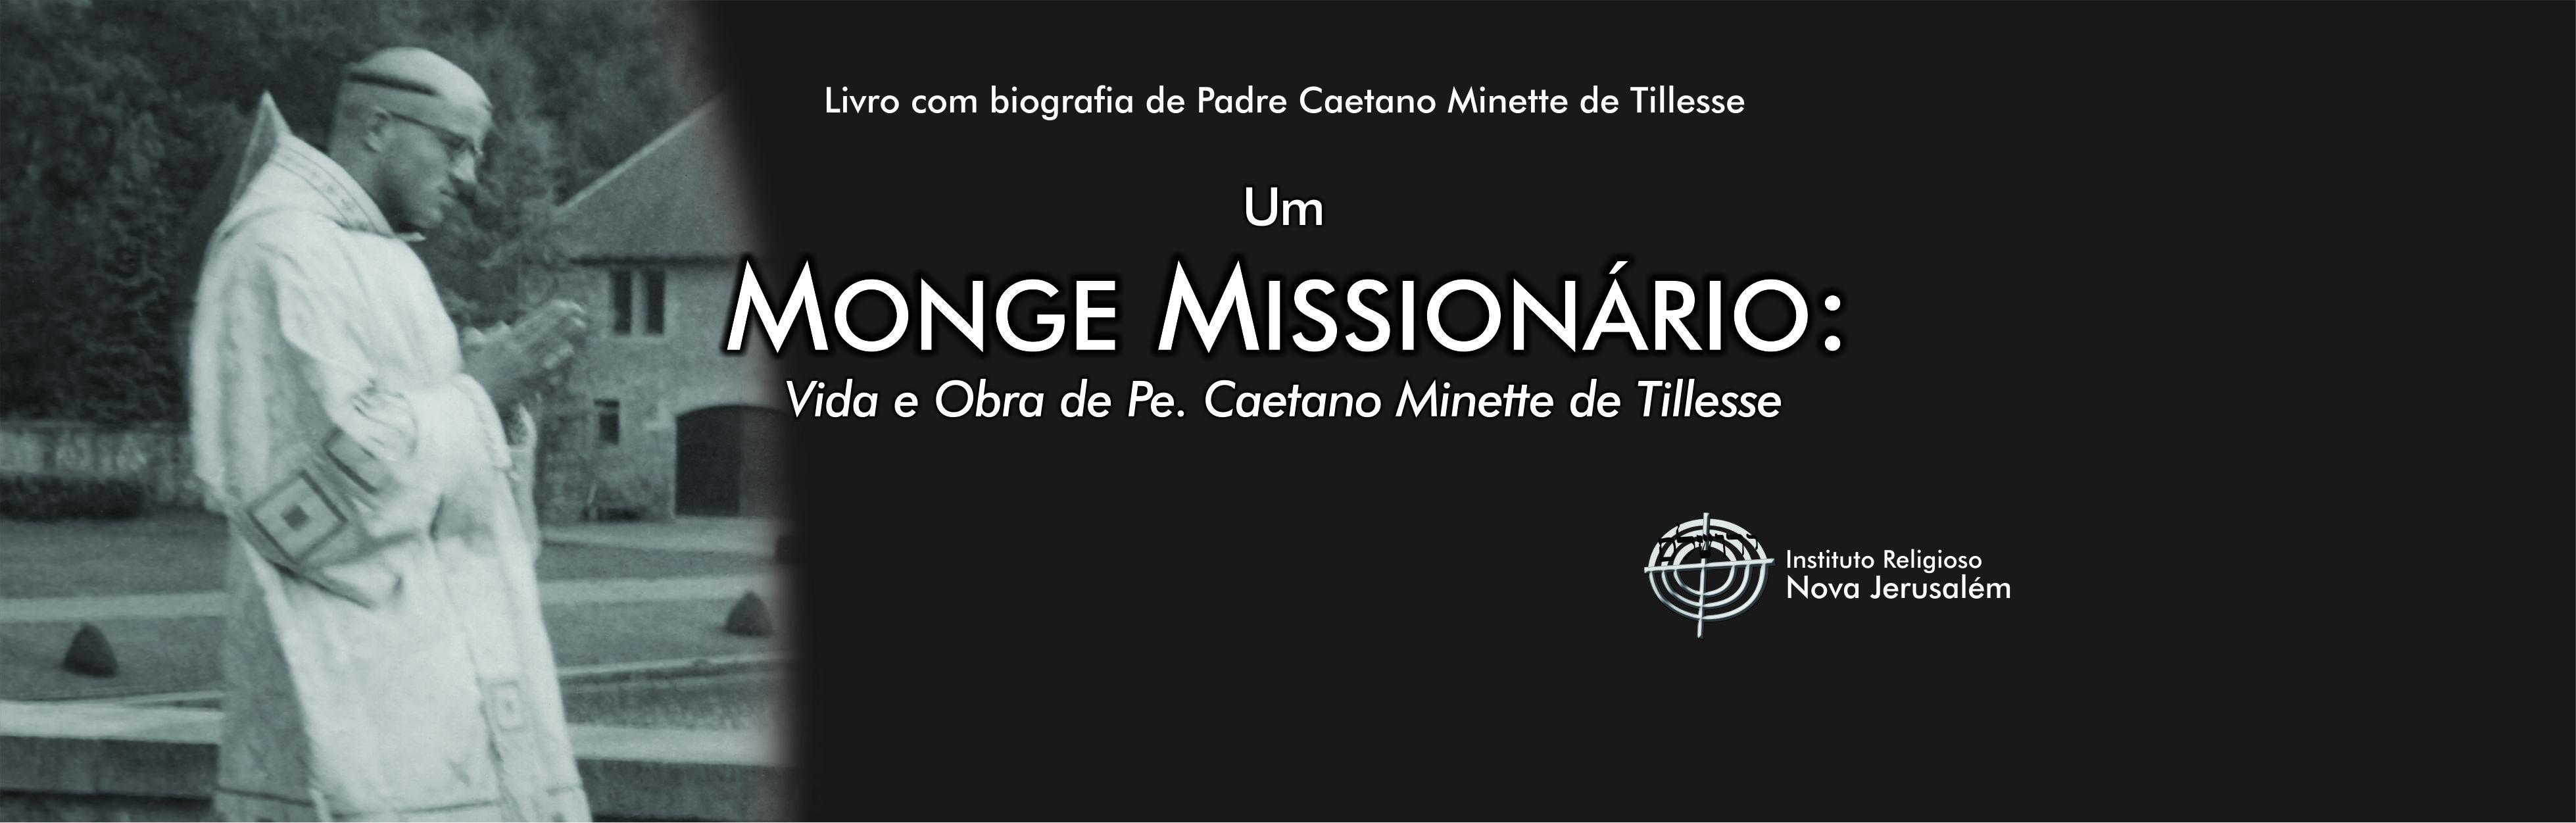 Um monge missionário: Vida e obra de Pe. Caetano